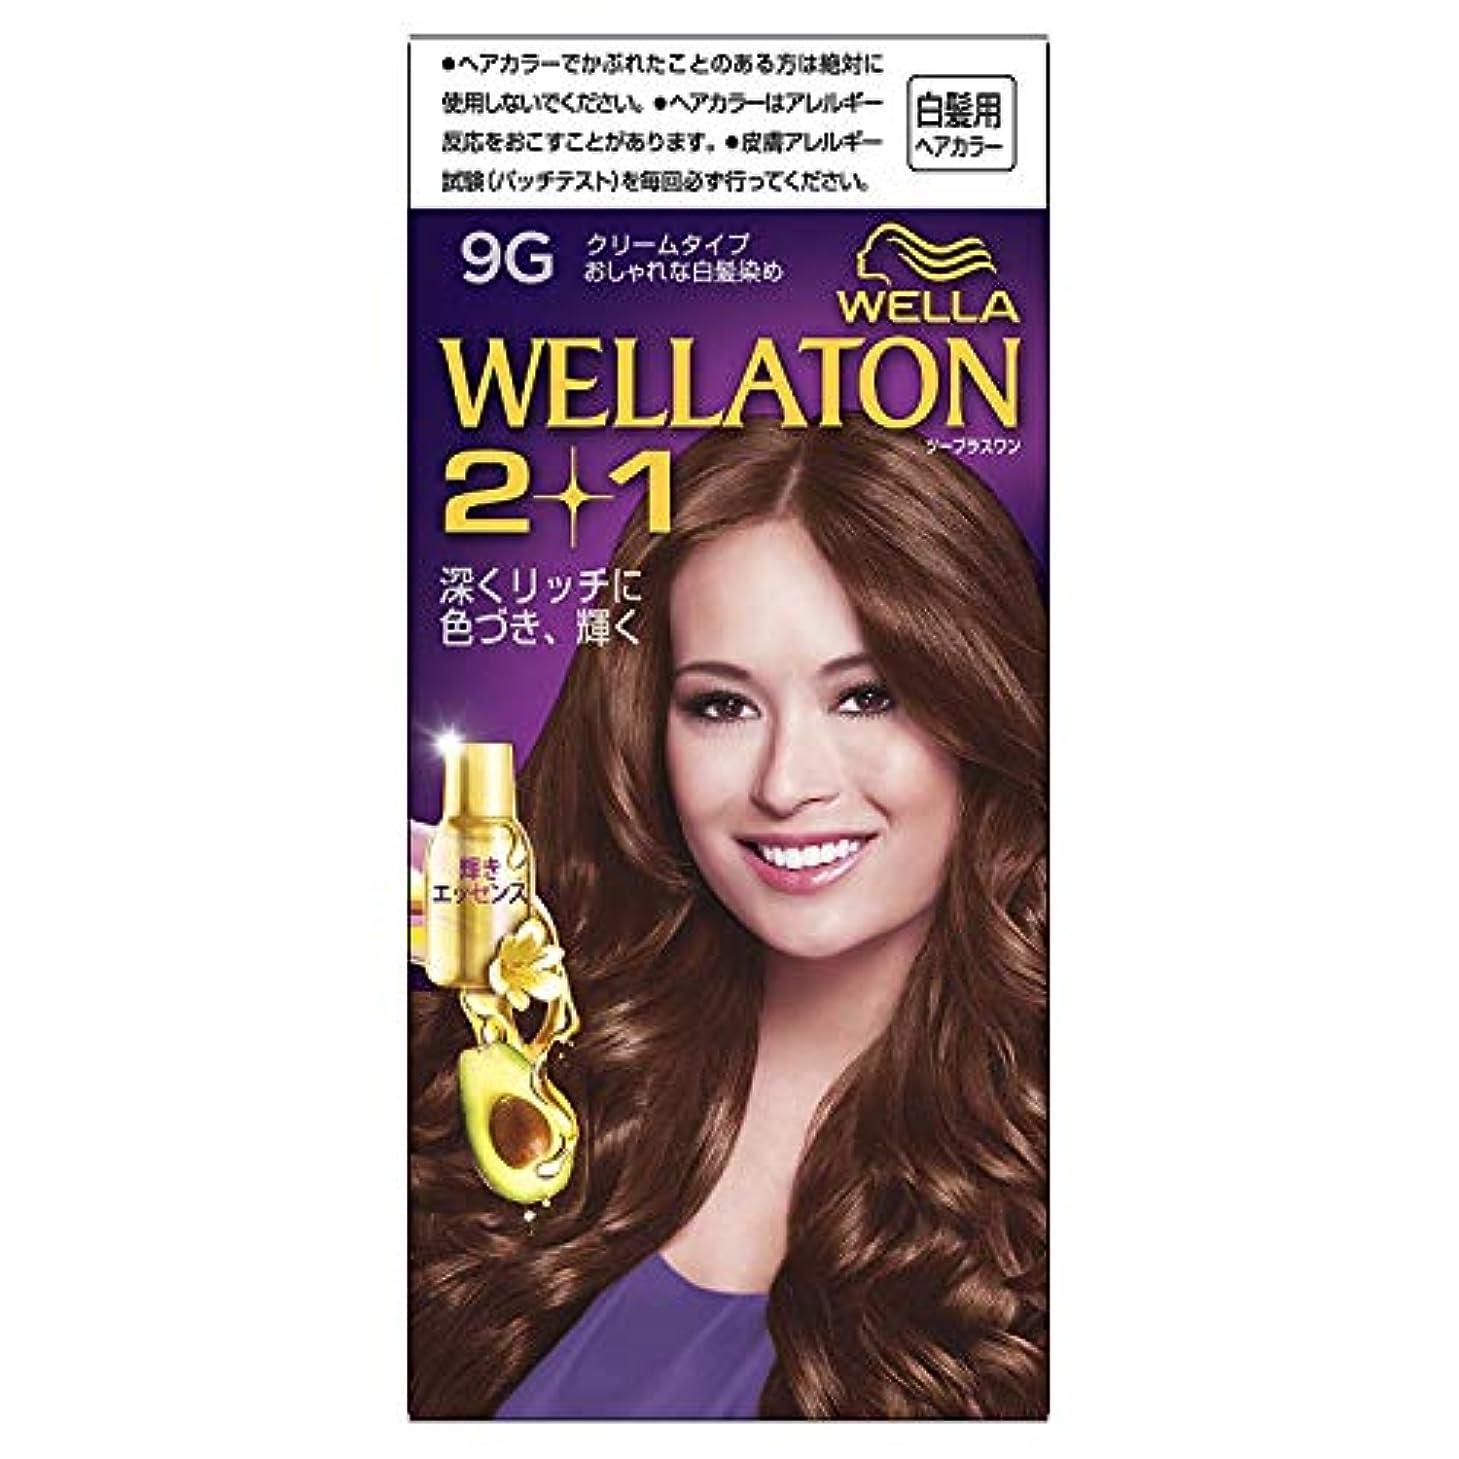 愛インストール想起ウエラトーン2+1 クリームタイプ 9G [医薬部外品] ×6個